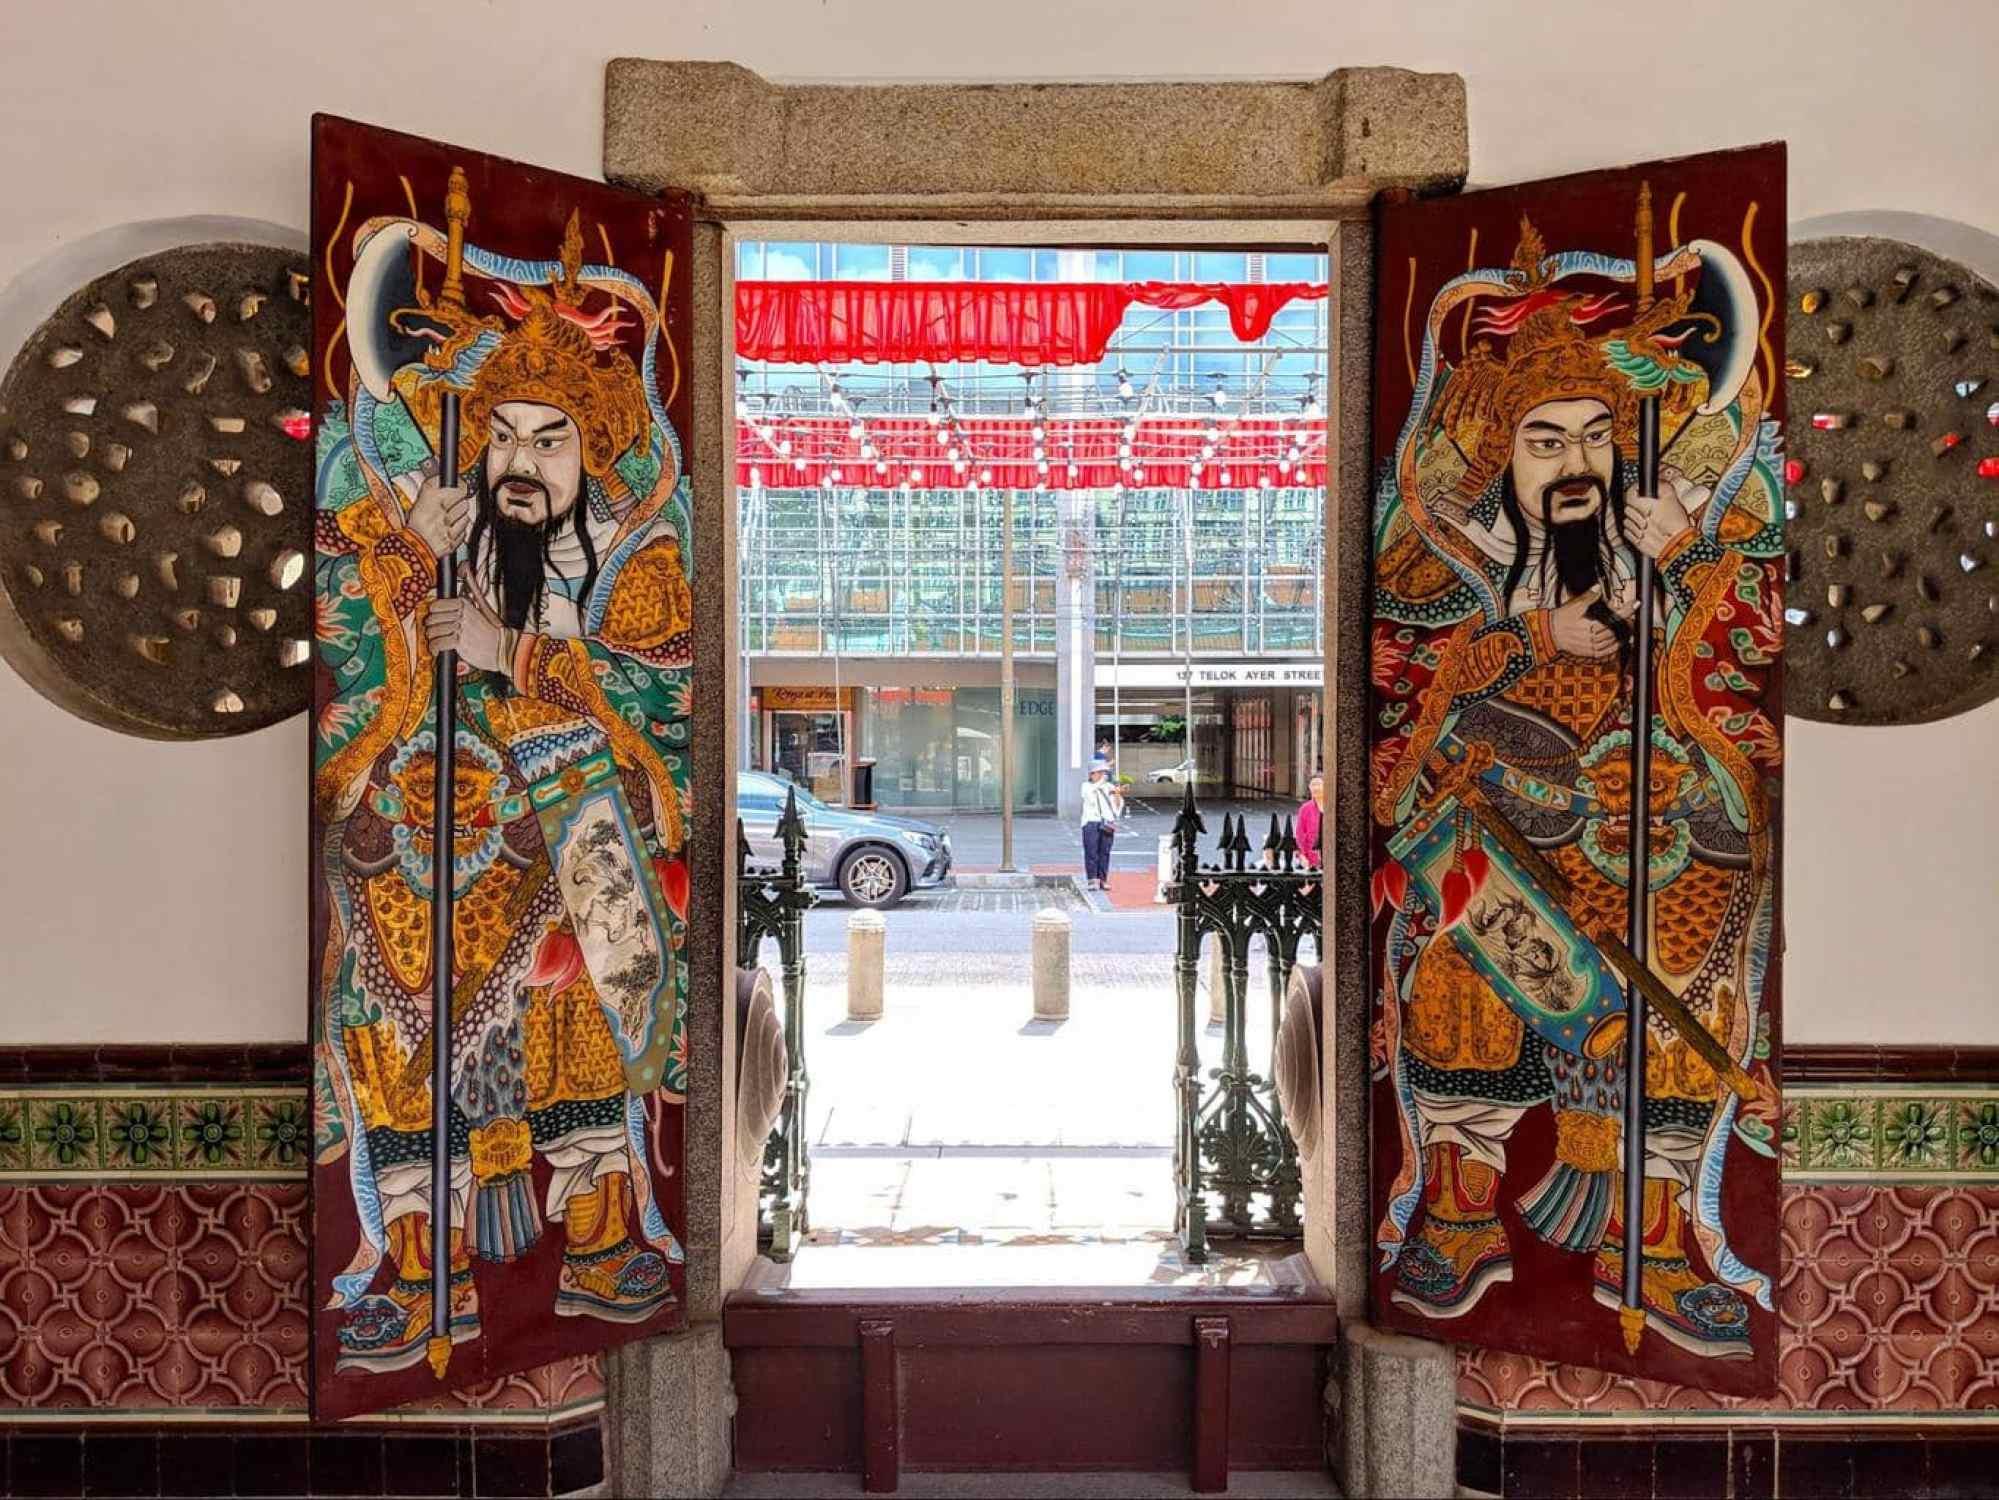 Thian Hock Keng doors